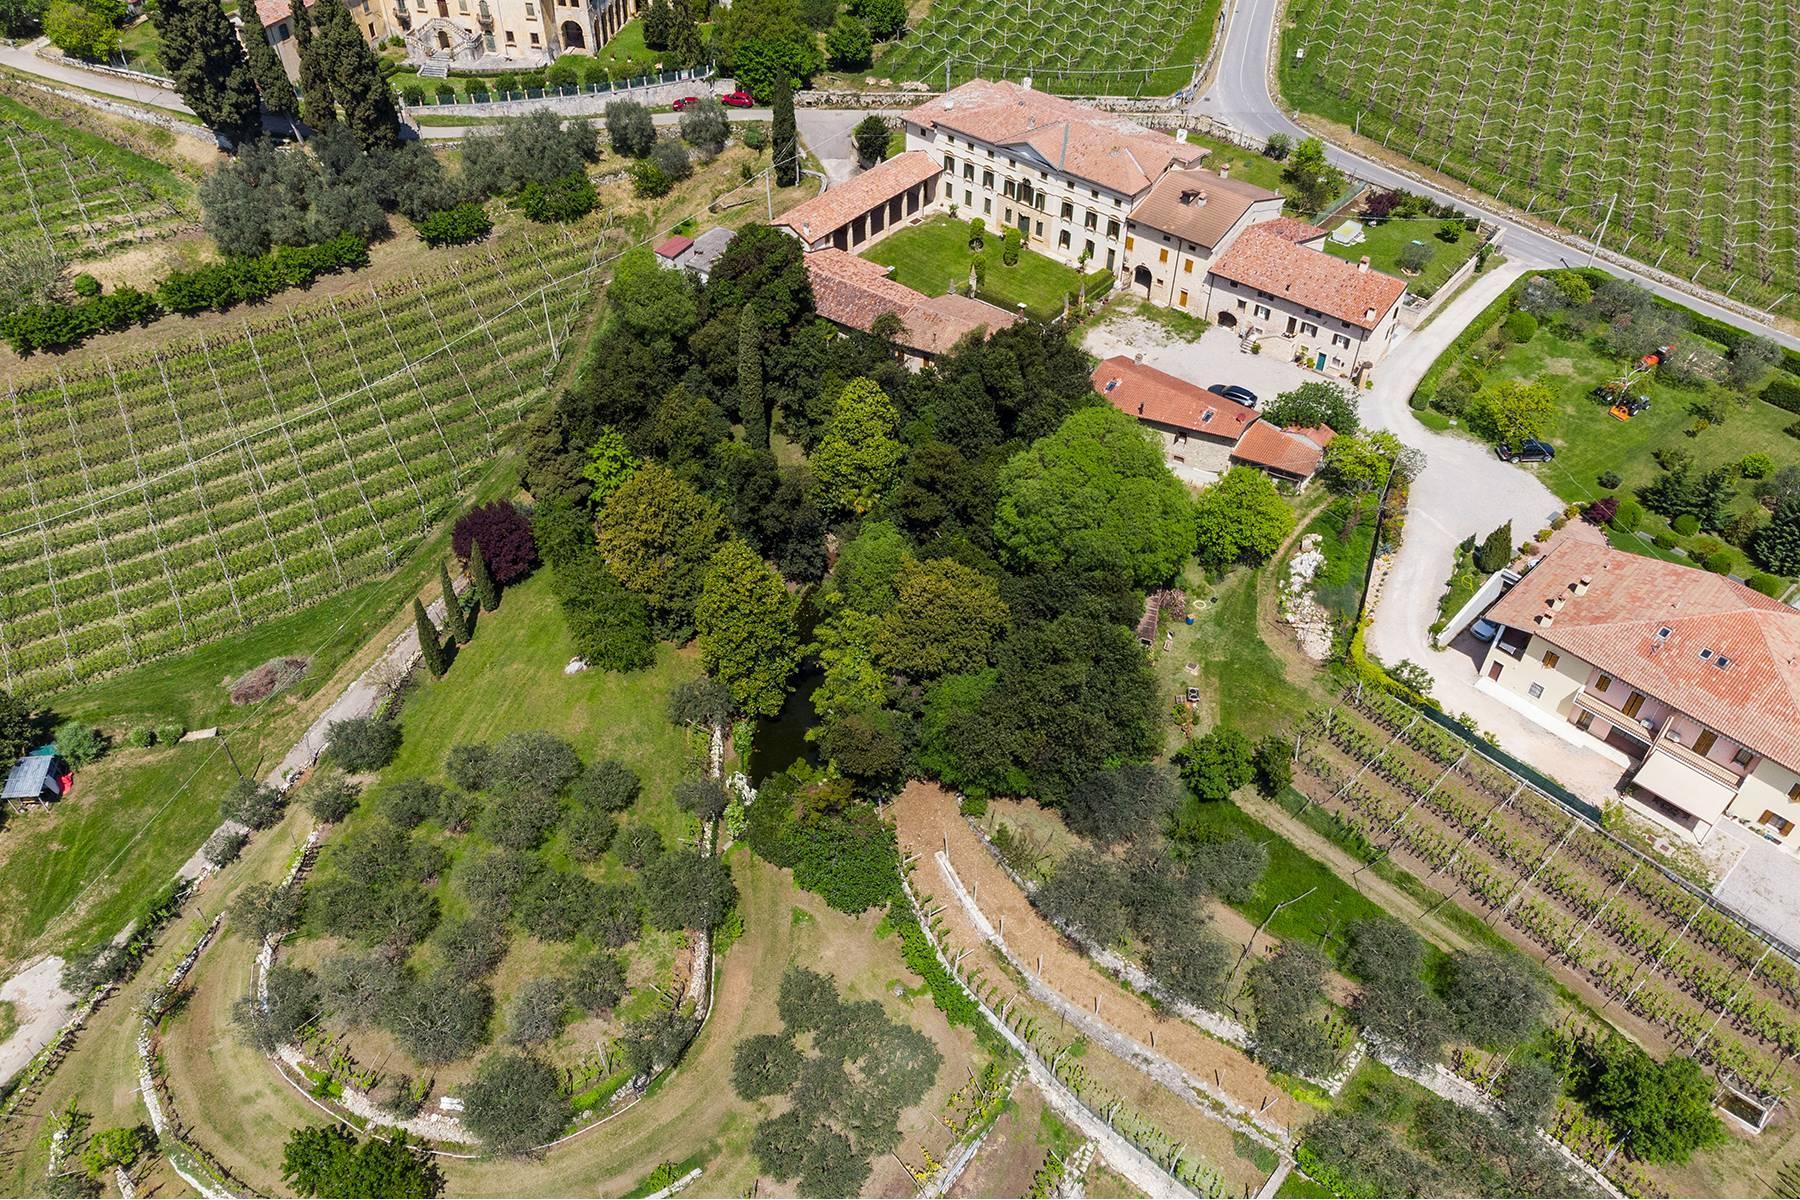 Historische Villa mit Park und prächtigem alten Keller, umgeben von Weinbergen - 4